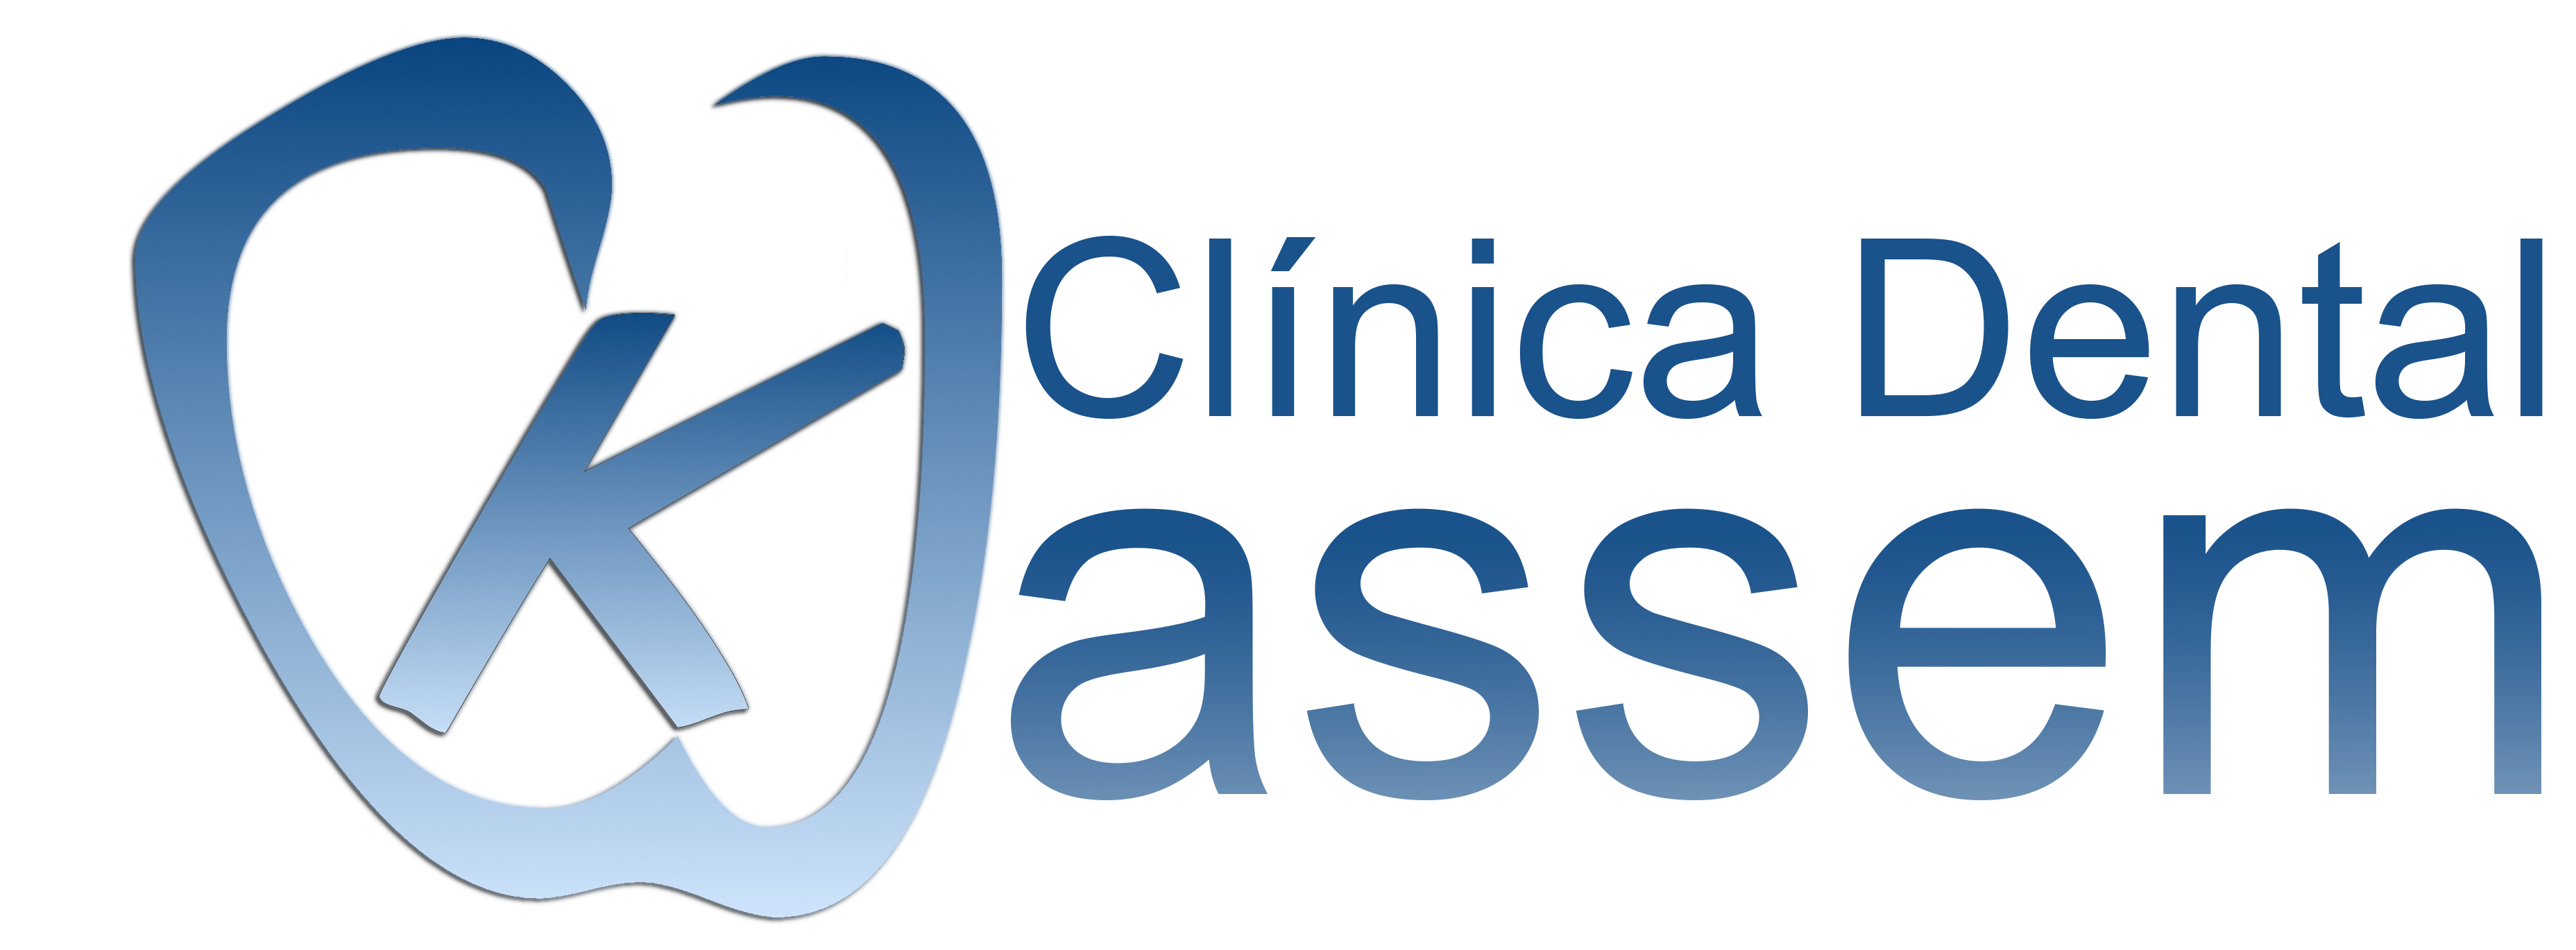 Clinica Kassem